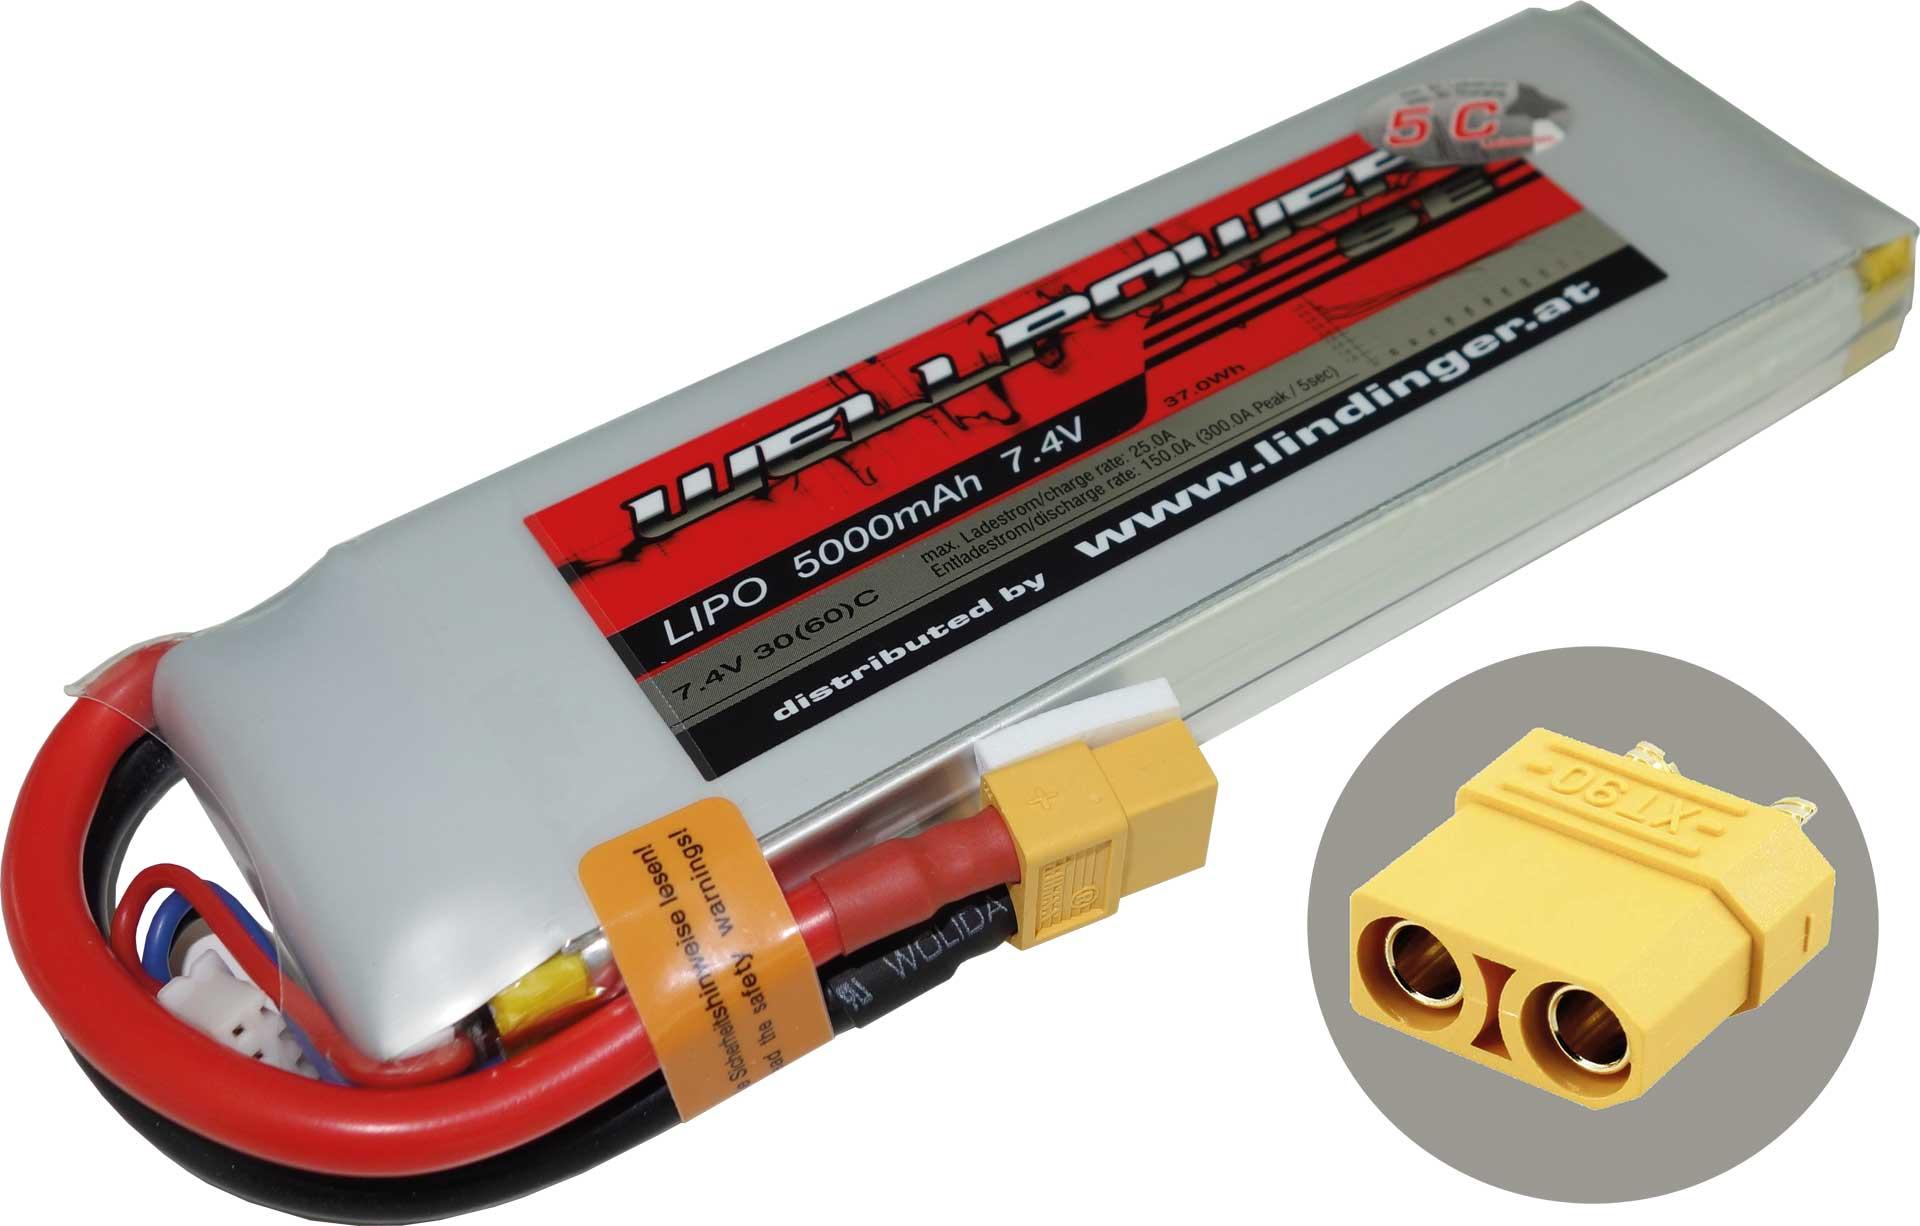 WELLPOWER LIPO AKKU SE V2 5000 MAH / 7,4 VOLT 2S XT-90